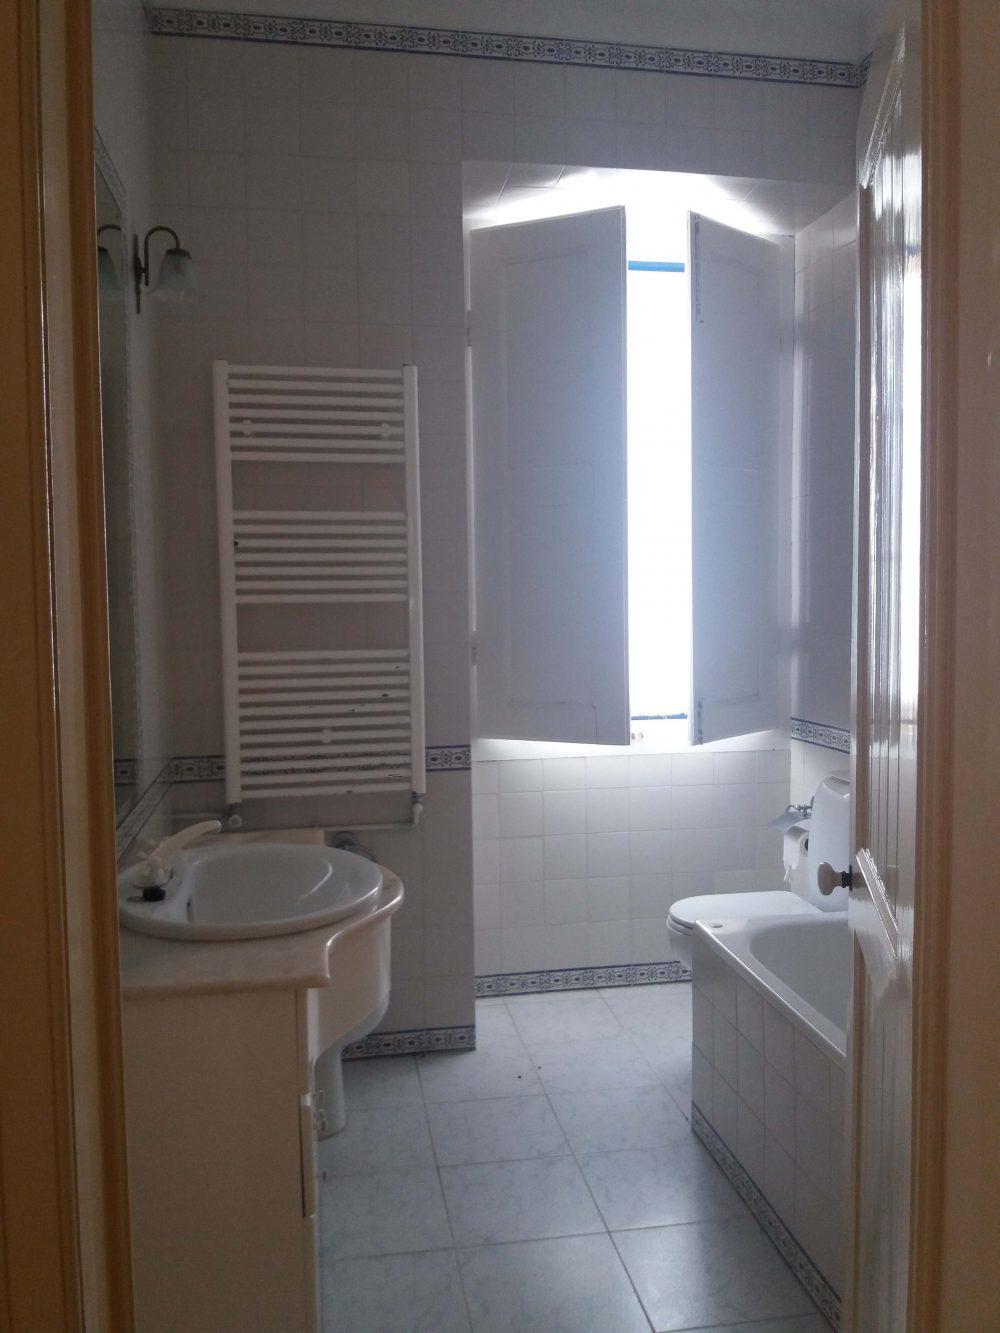 10-Bathroom house 1.